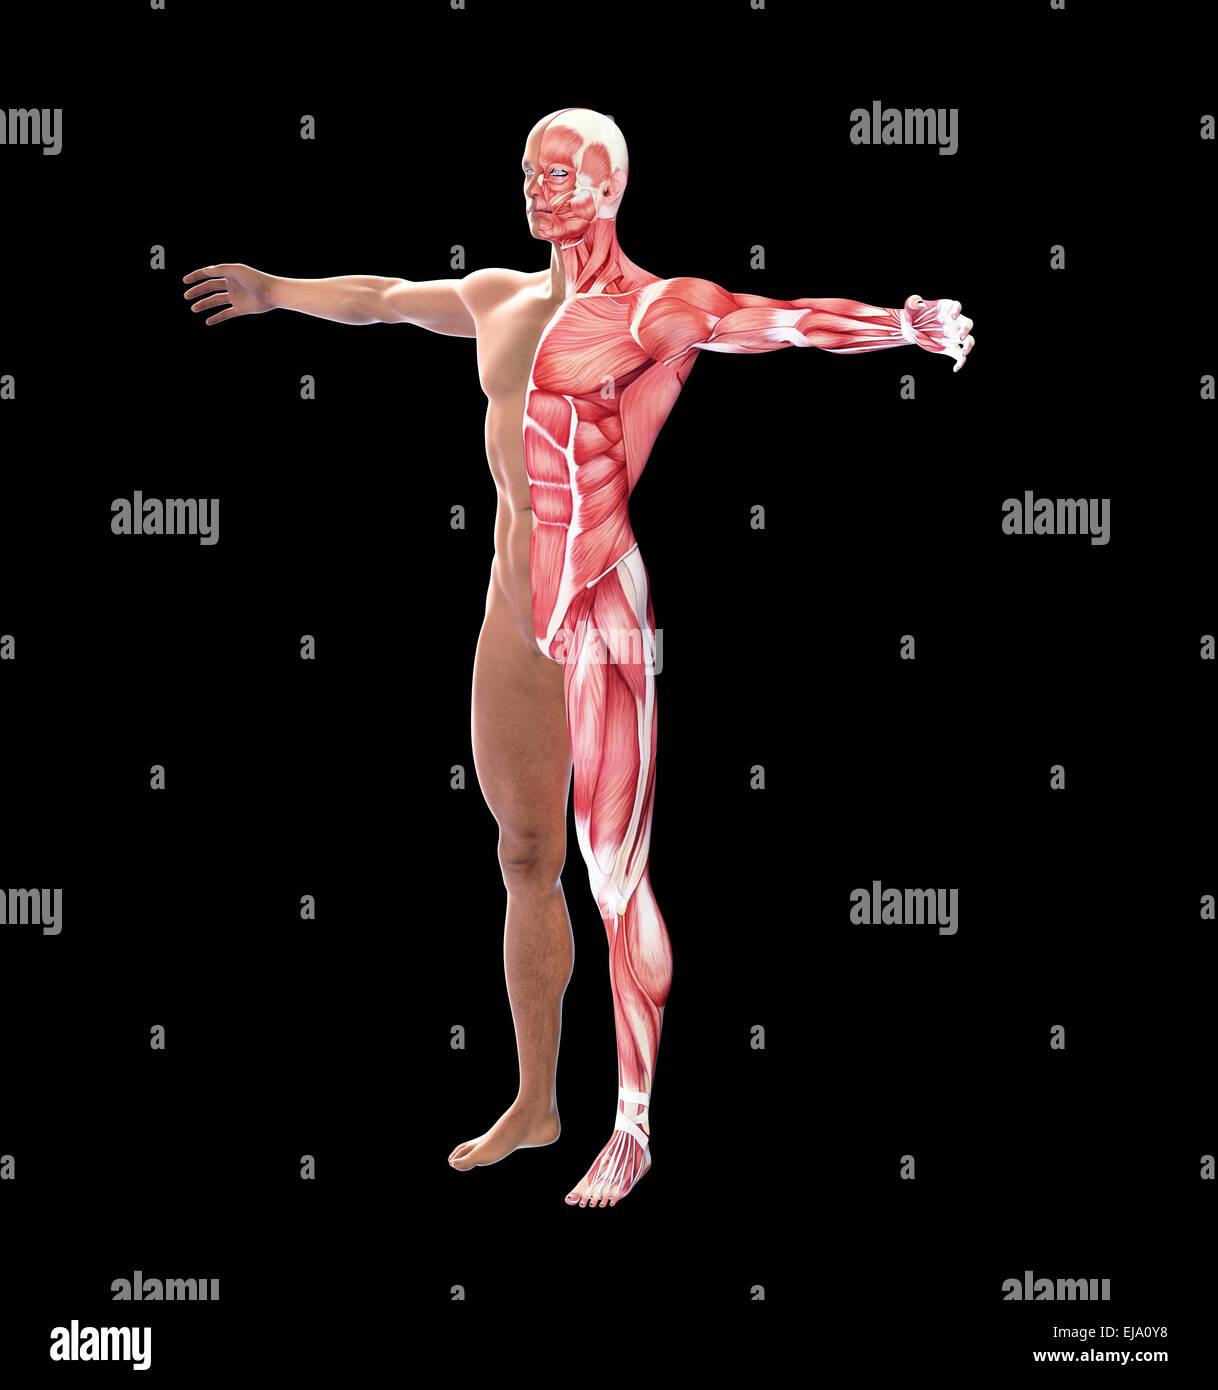 Menschliche Anatomie mit sichtbaren Muskeln Stockfoto, Bild ...